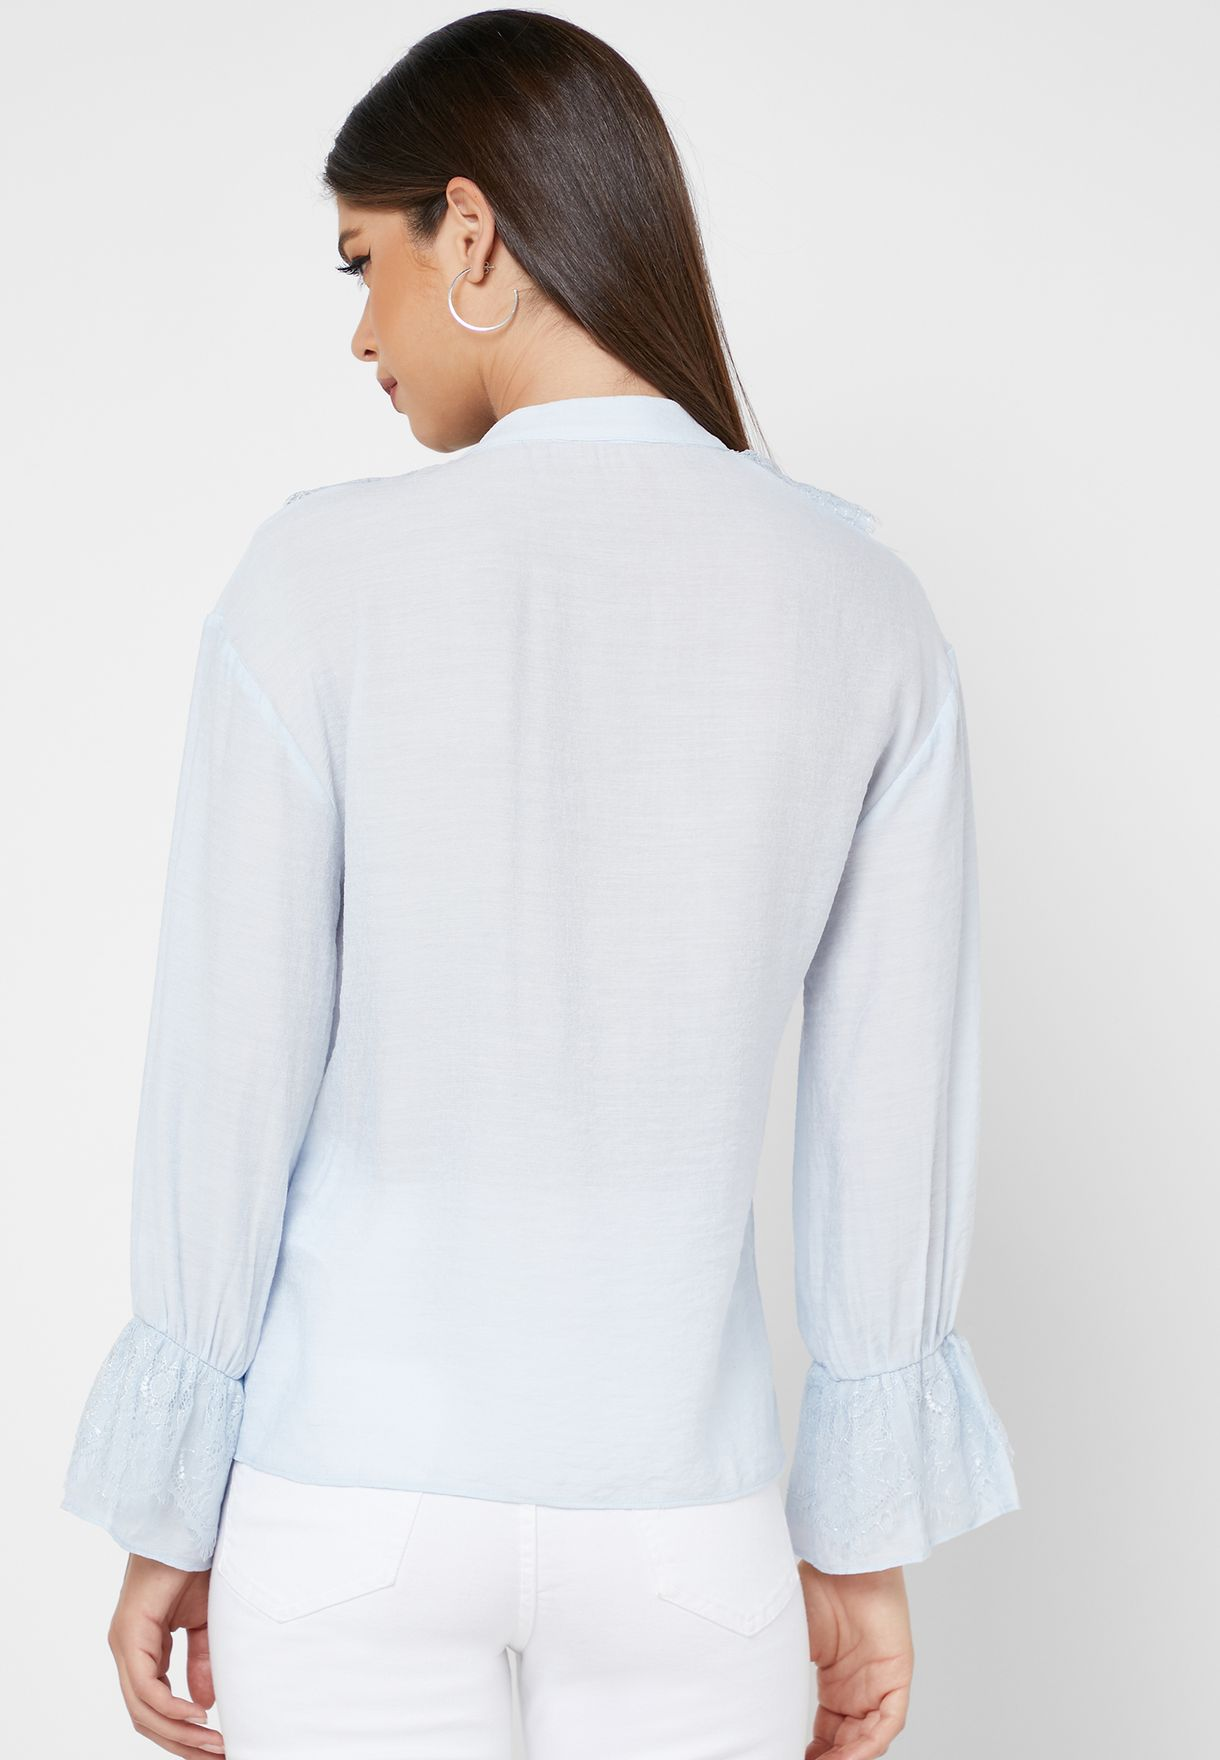 Ruffle Lace Up Shirt